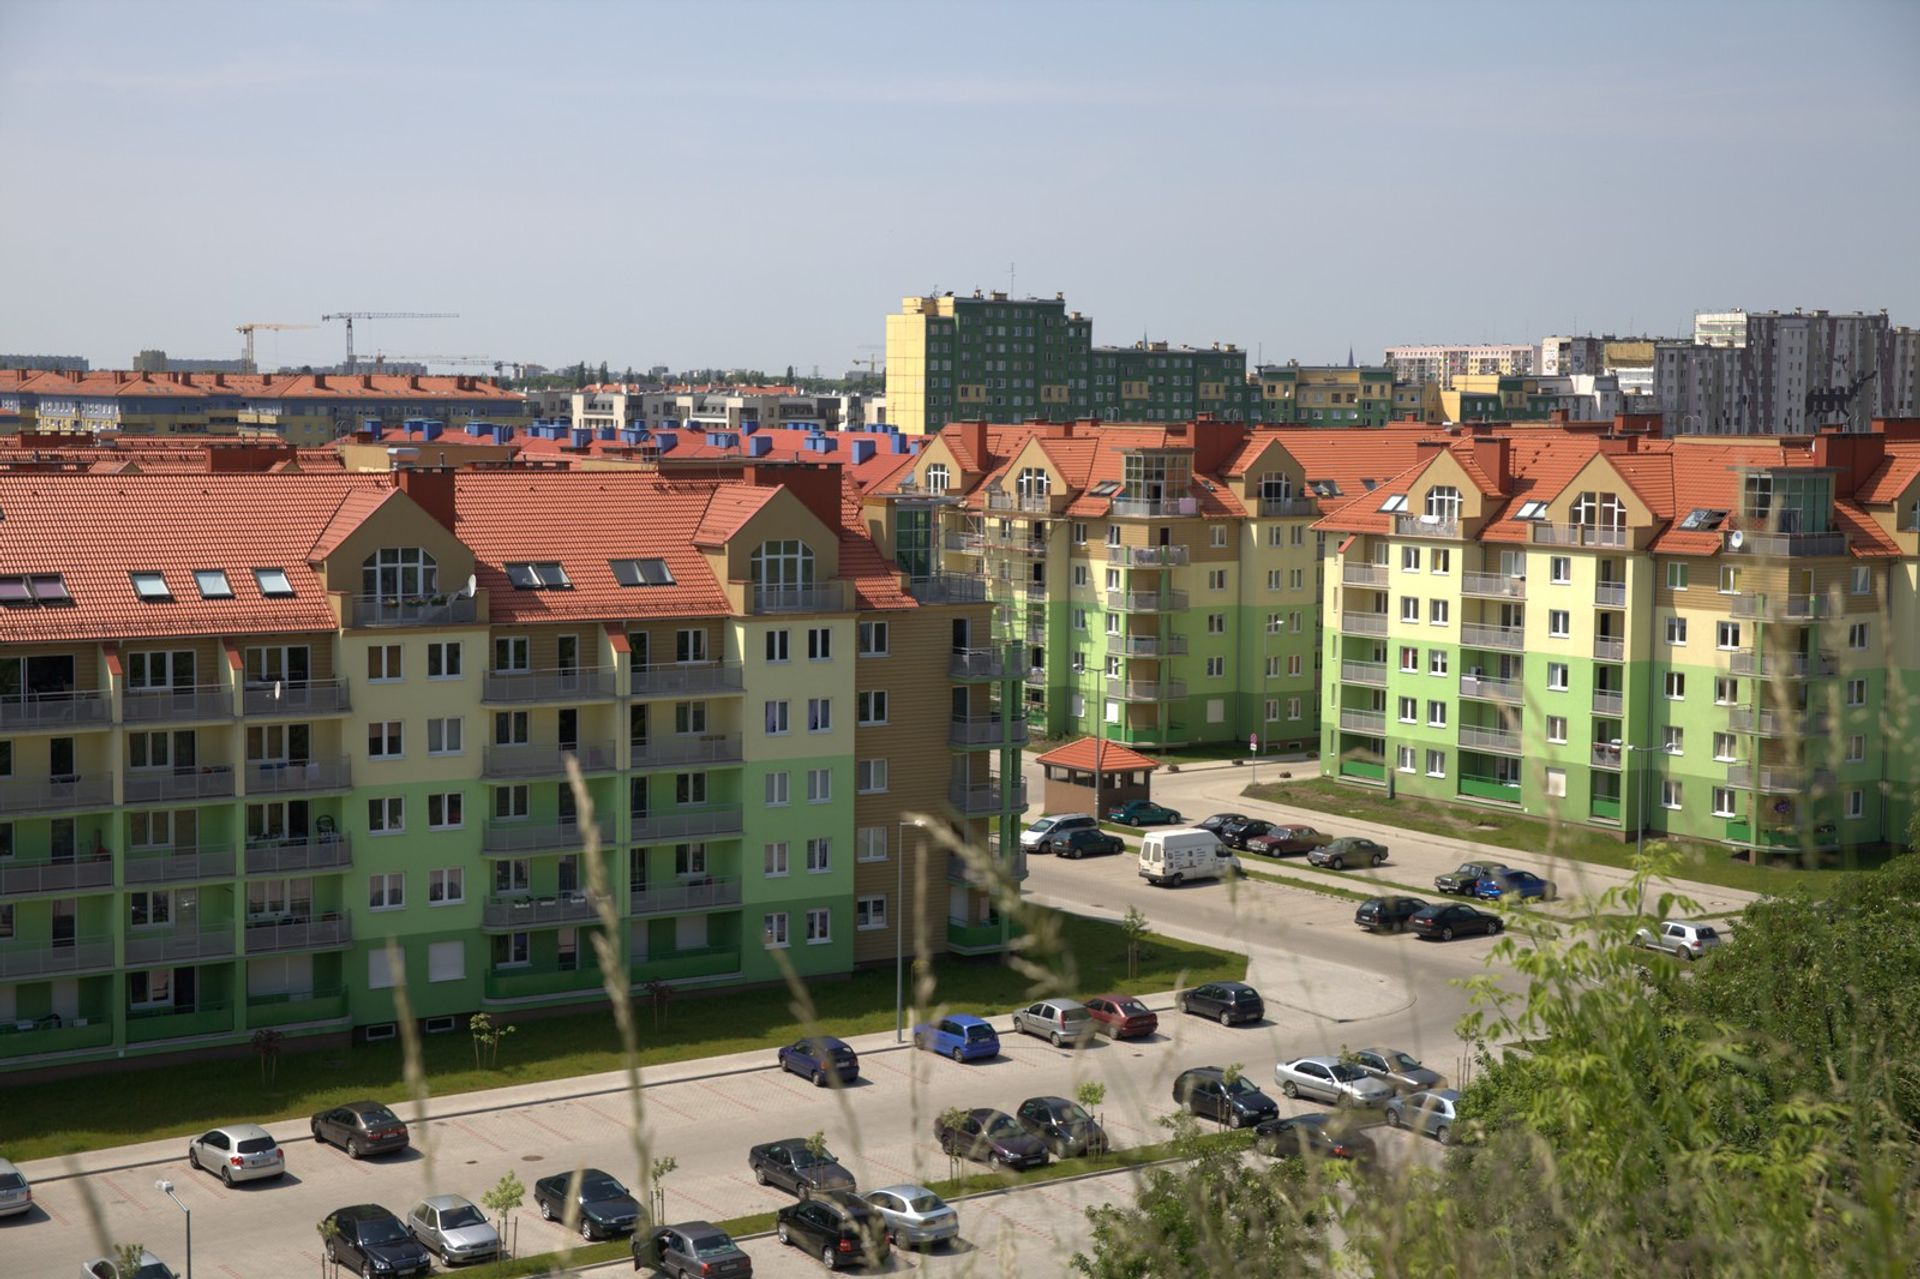 [Polska] Jakie są typowe ceny mieszkań deweloperskich dla poszczególnych rynków?